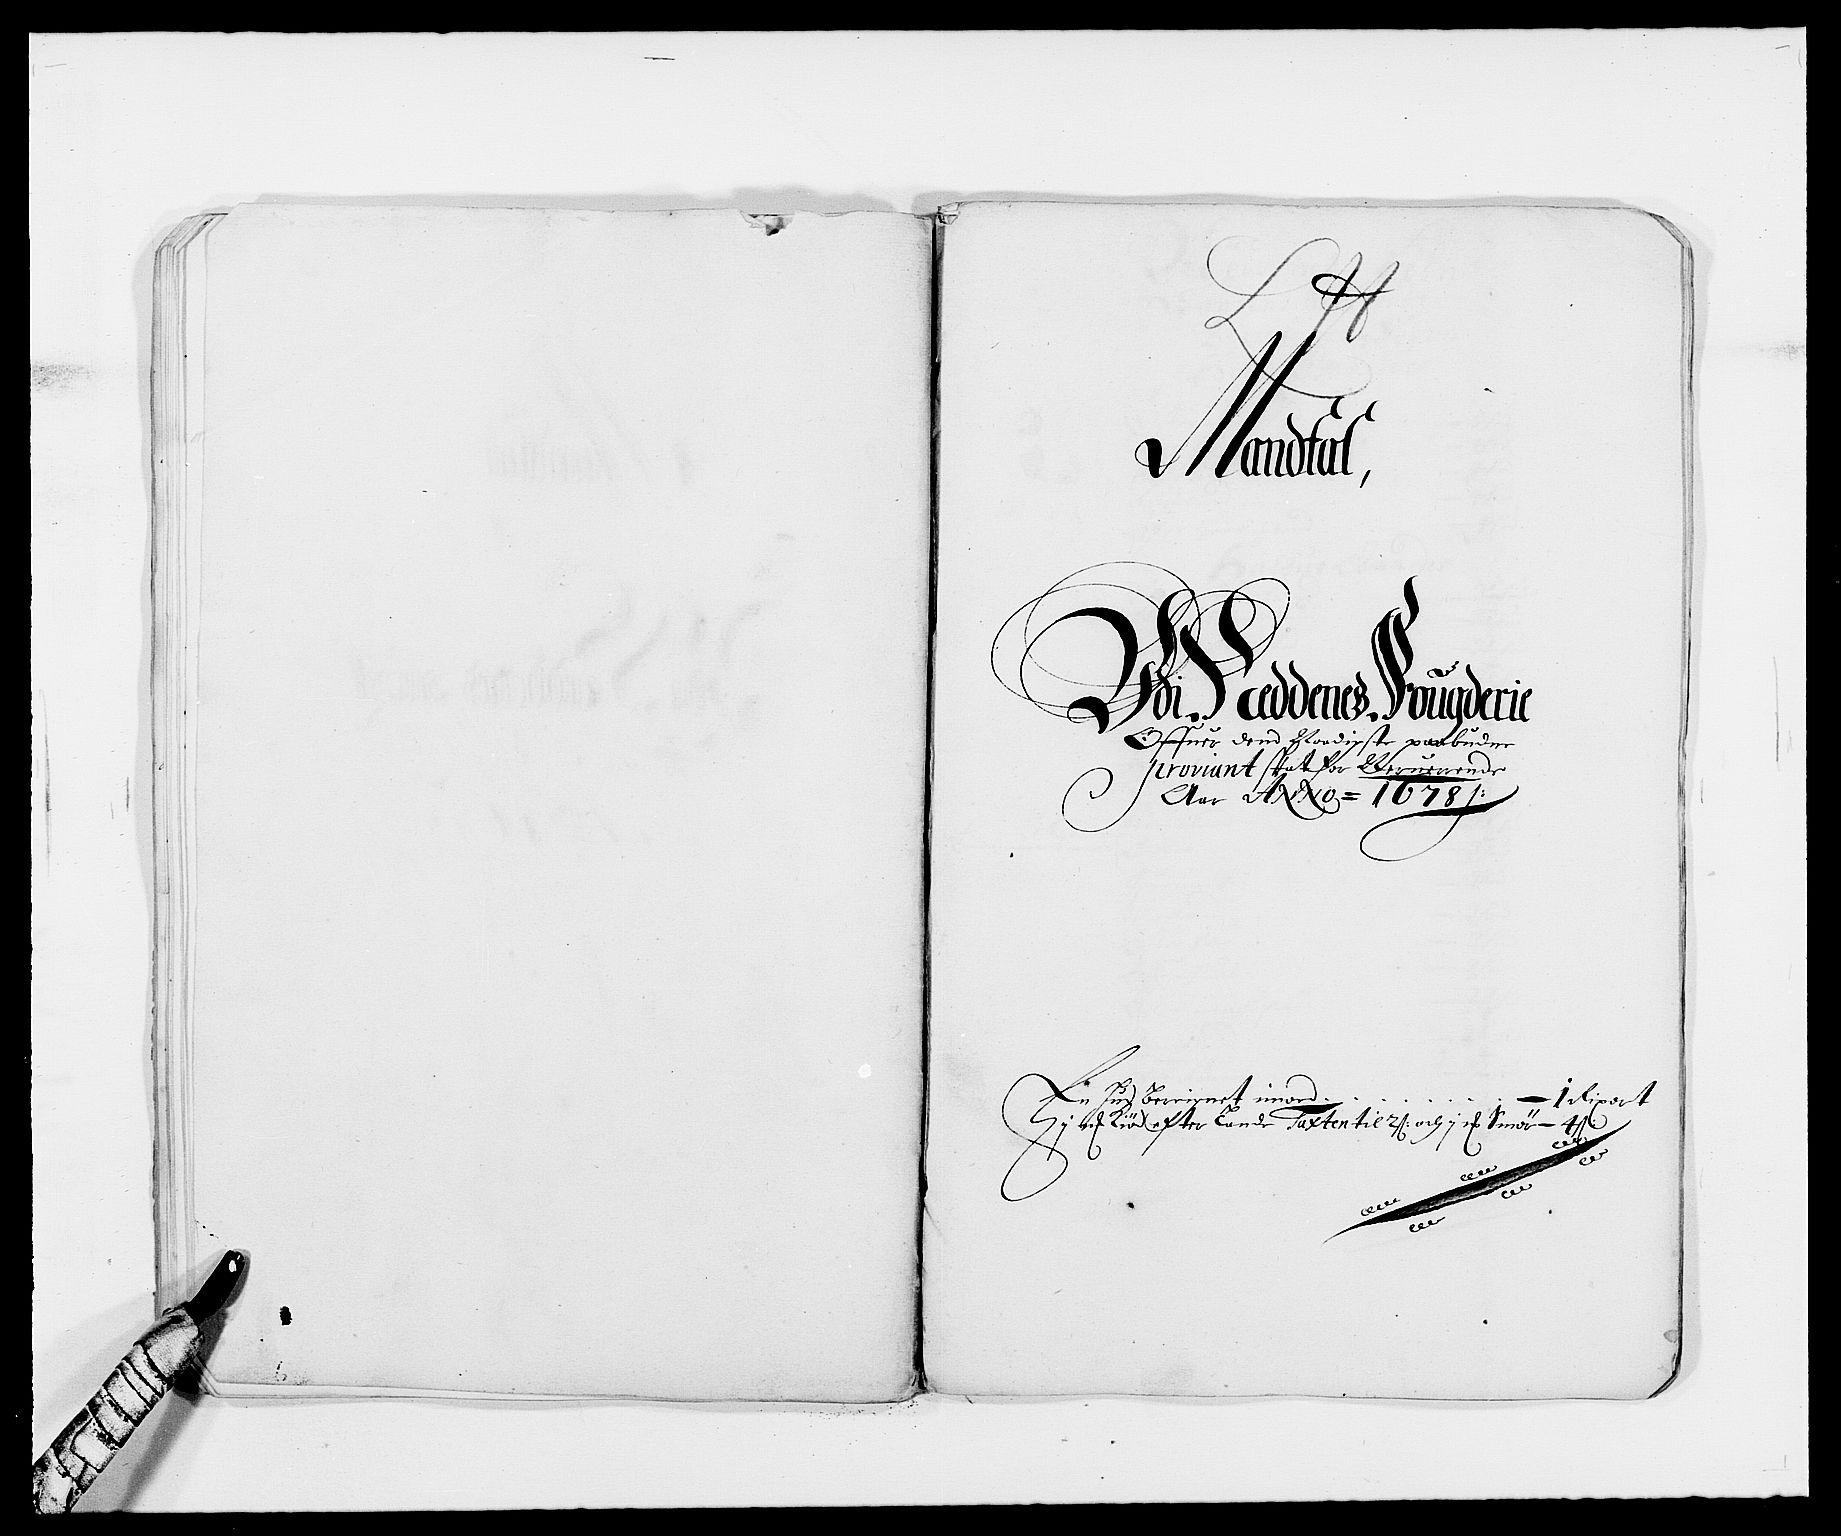 RA, Rentekammeret inntil 1814, Reviderte regnskaper, Fogderegnskap, R39/L2302: Fogderegnskap Nedenes, 1677-1678, s. 313